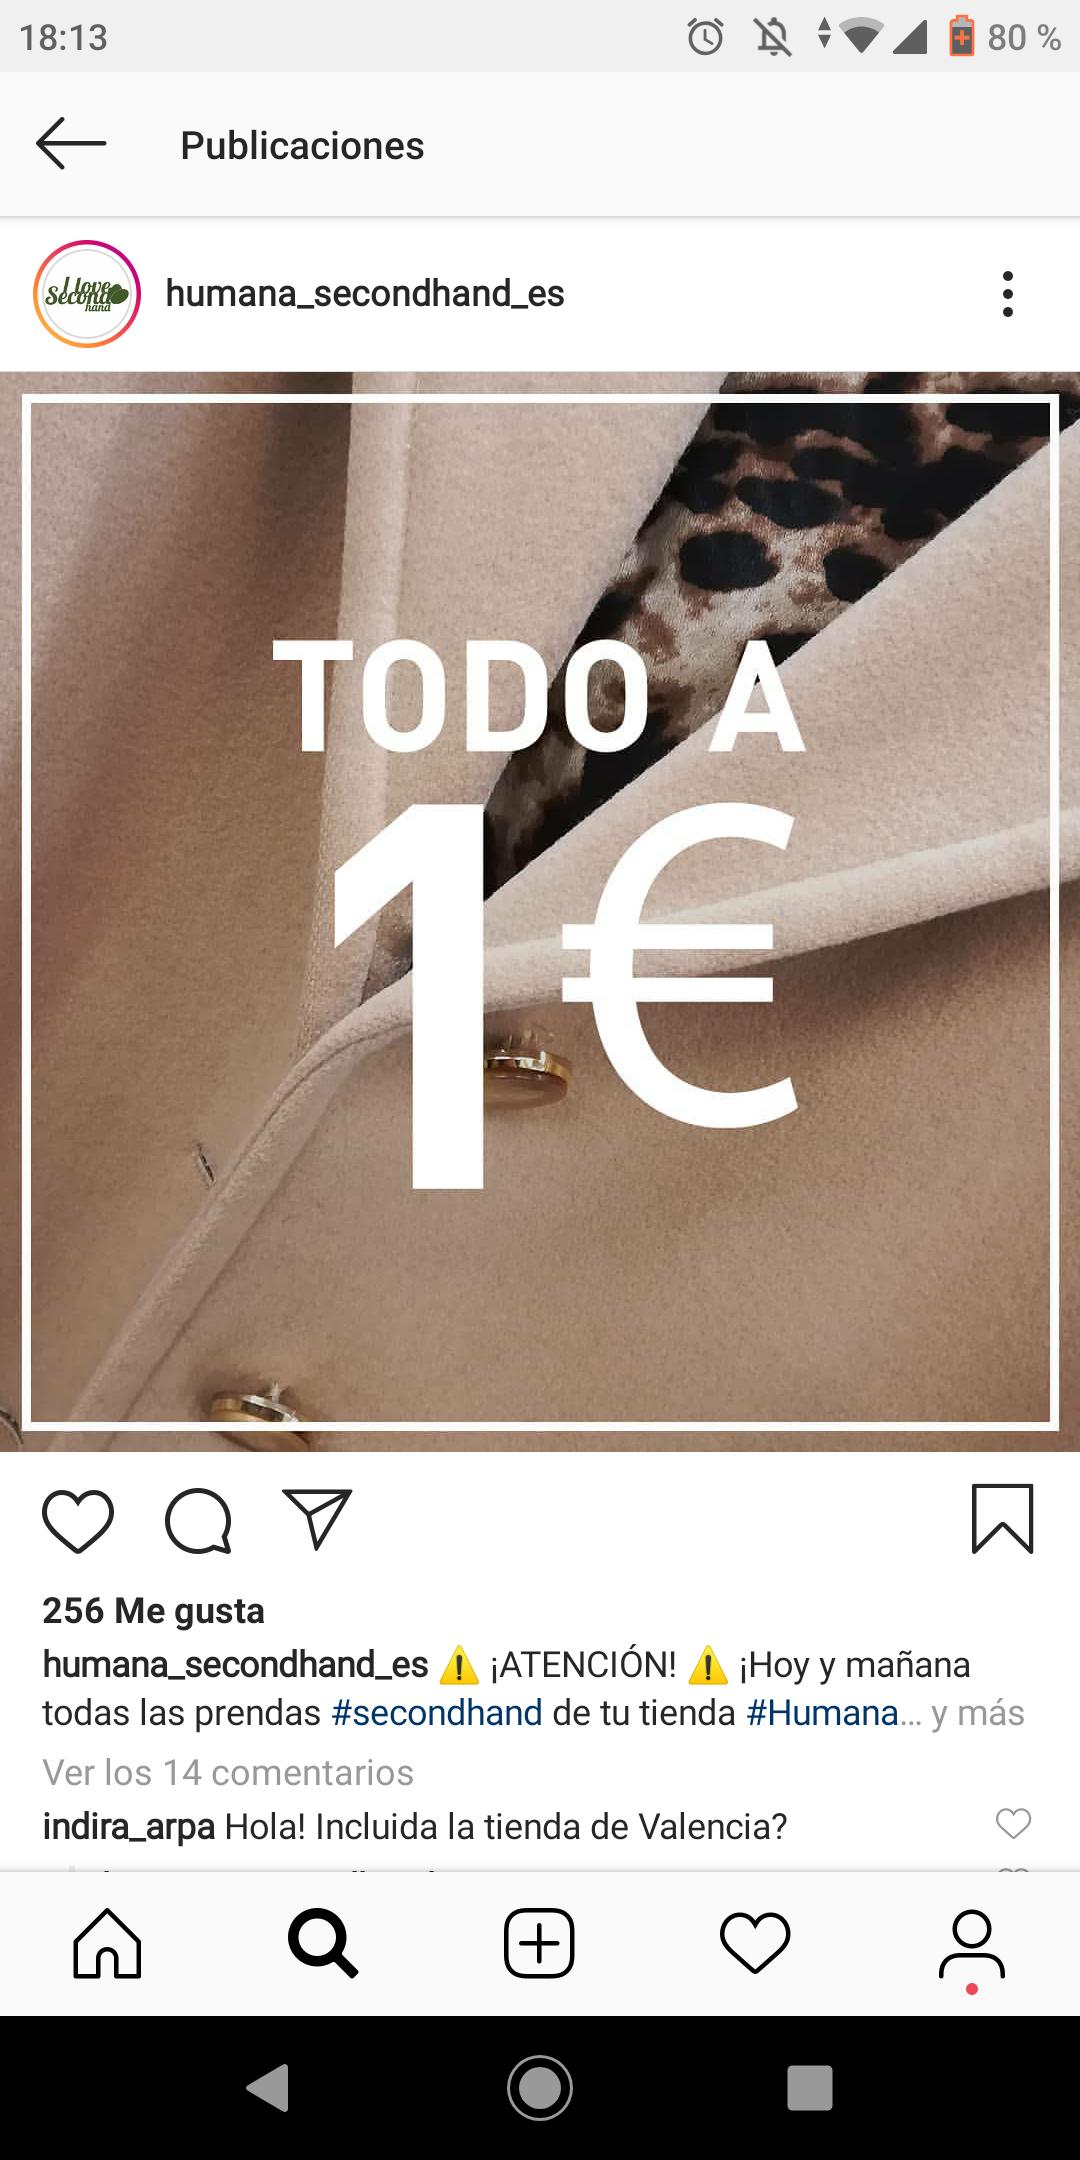 Ropa en tienda humana a 1€ hoy y mañana